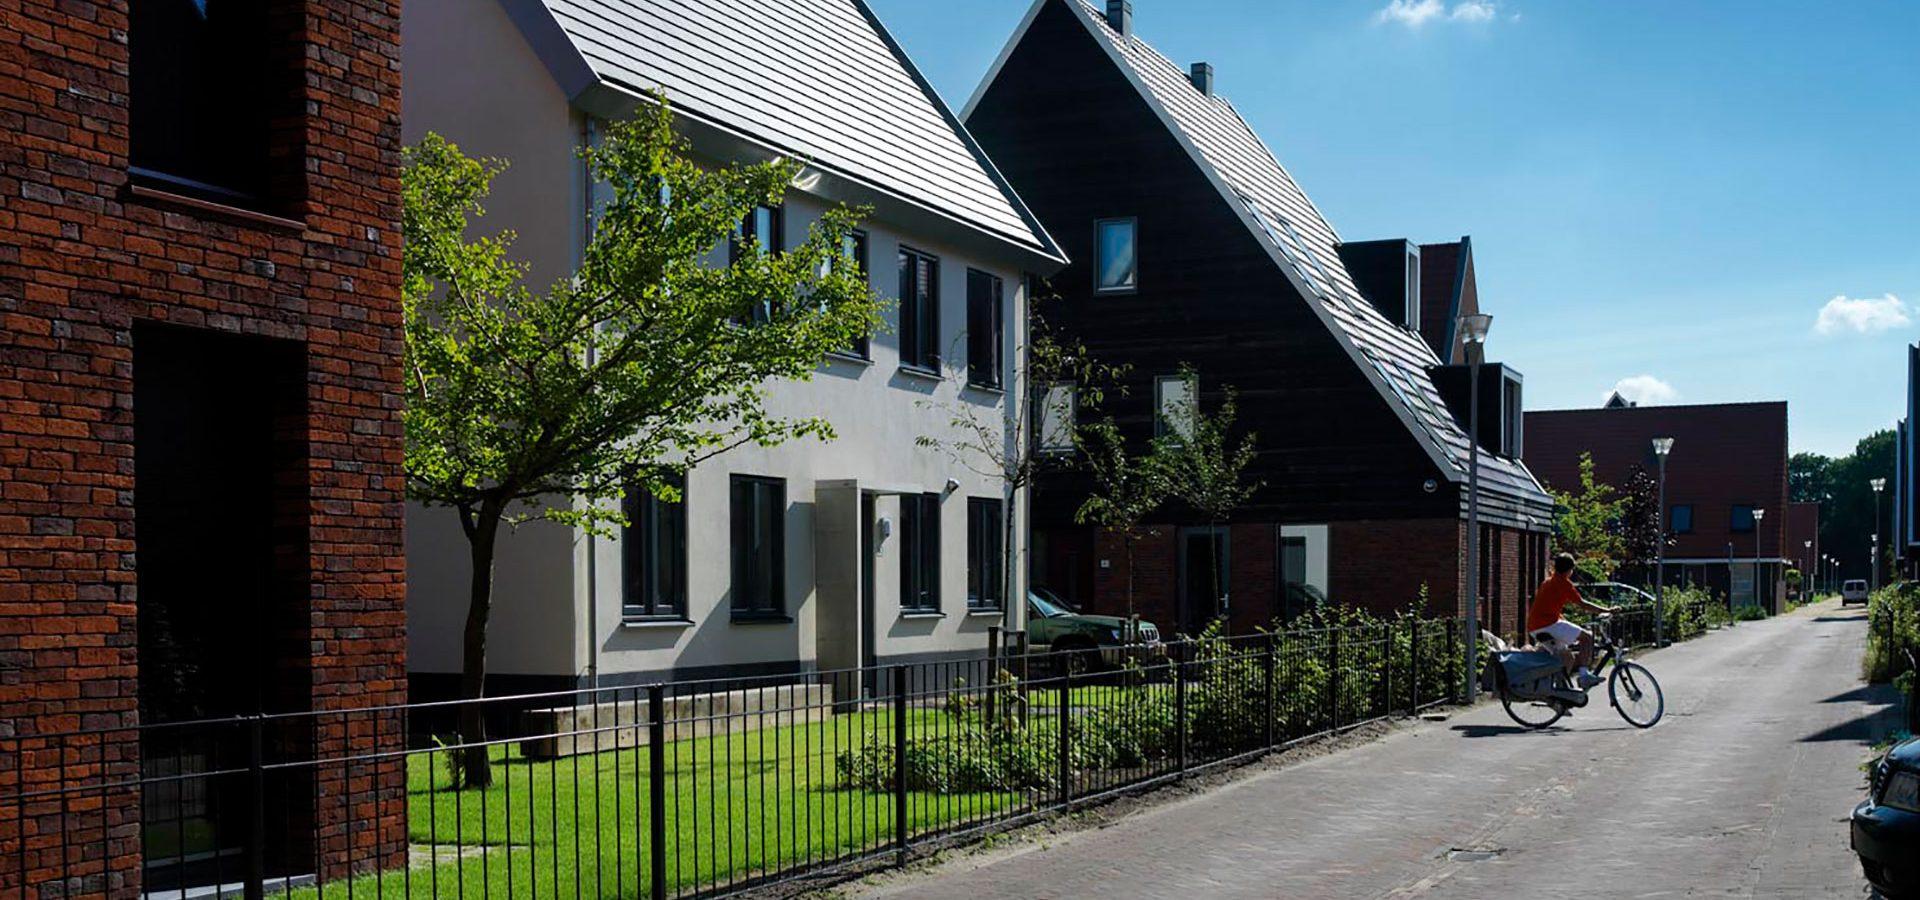 FARO architecten Ypenburg Biesland Den Haag 04